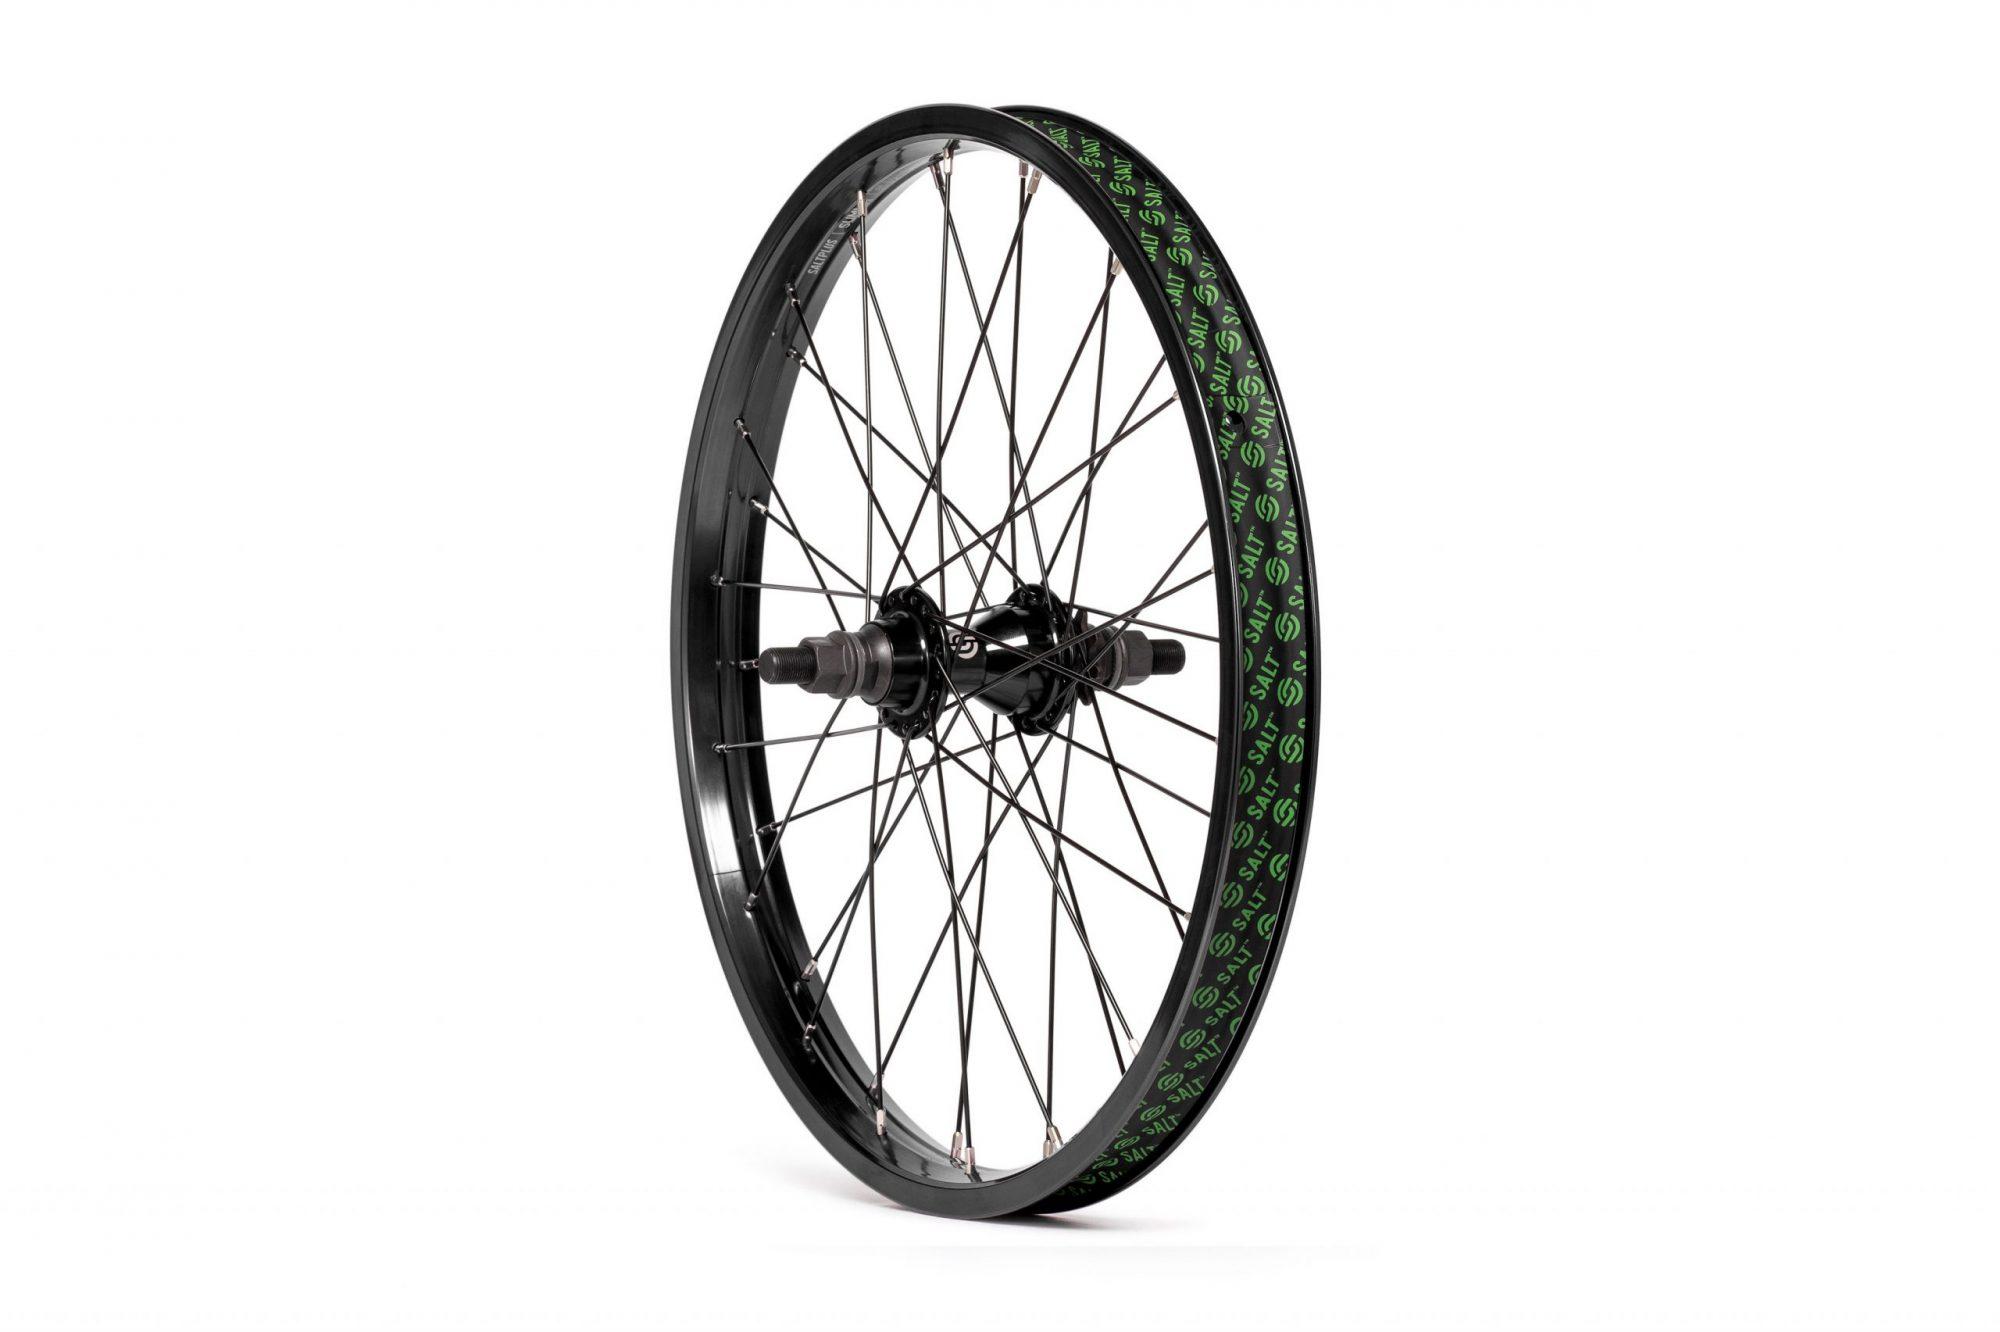 Salt_Everest_CS_rear_wheel_black_02